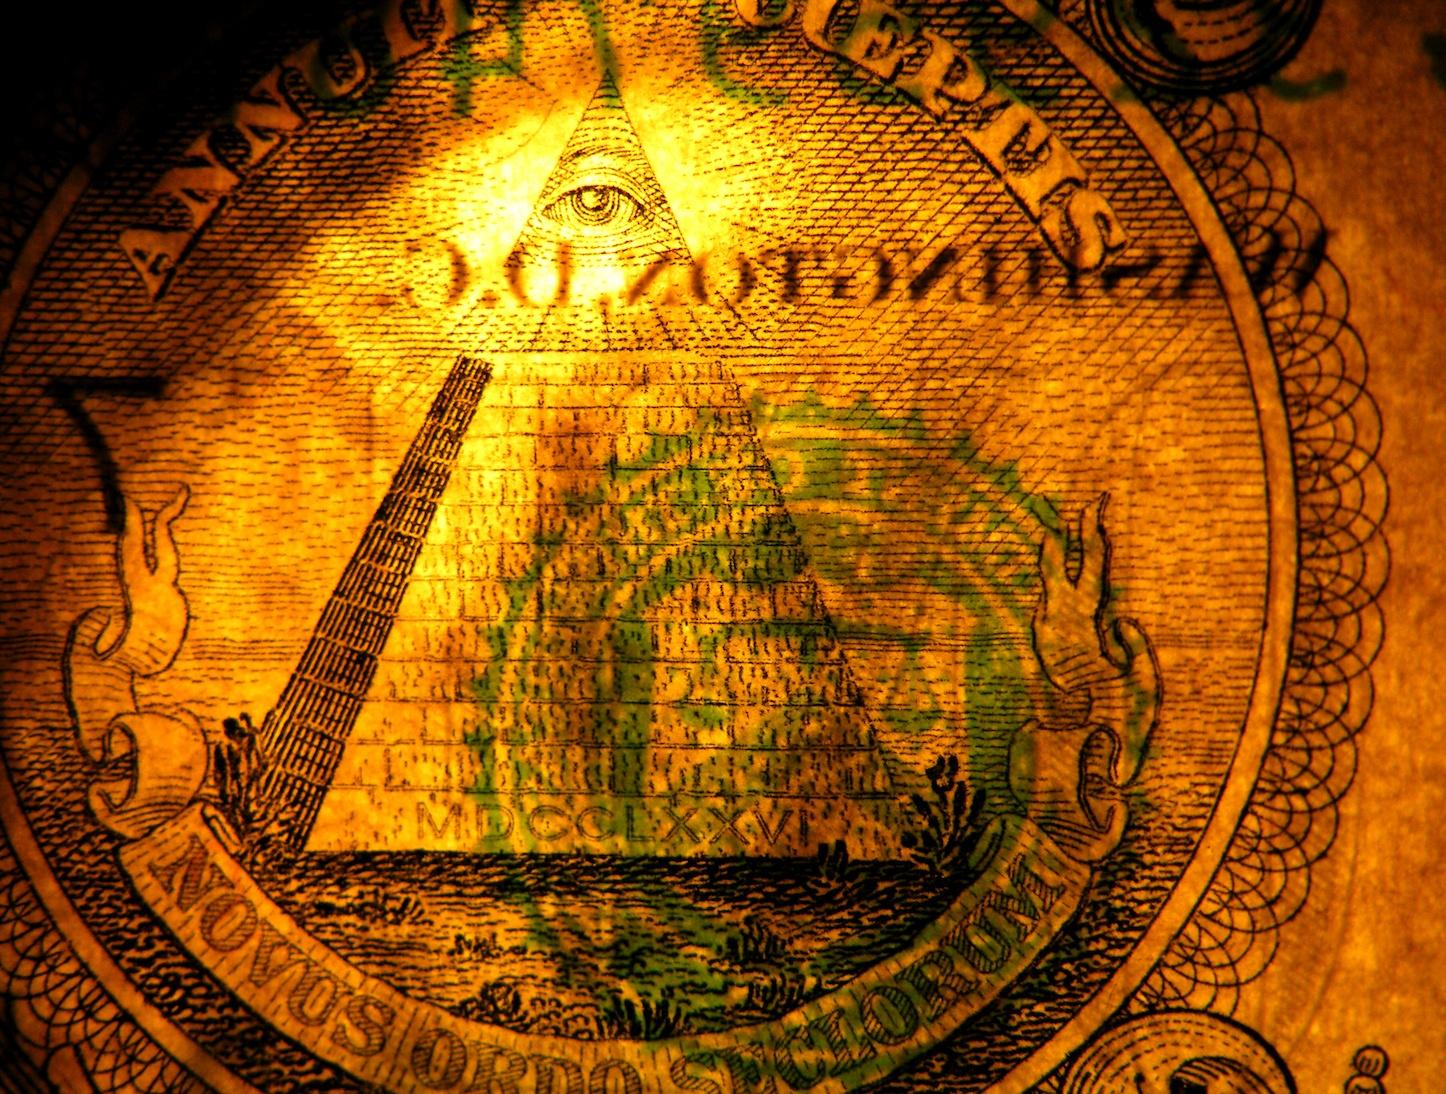 Illuminati One american dollar